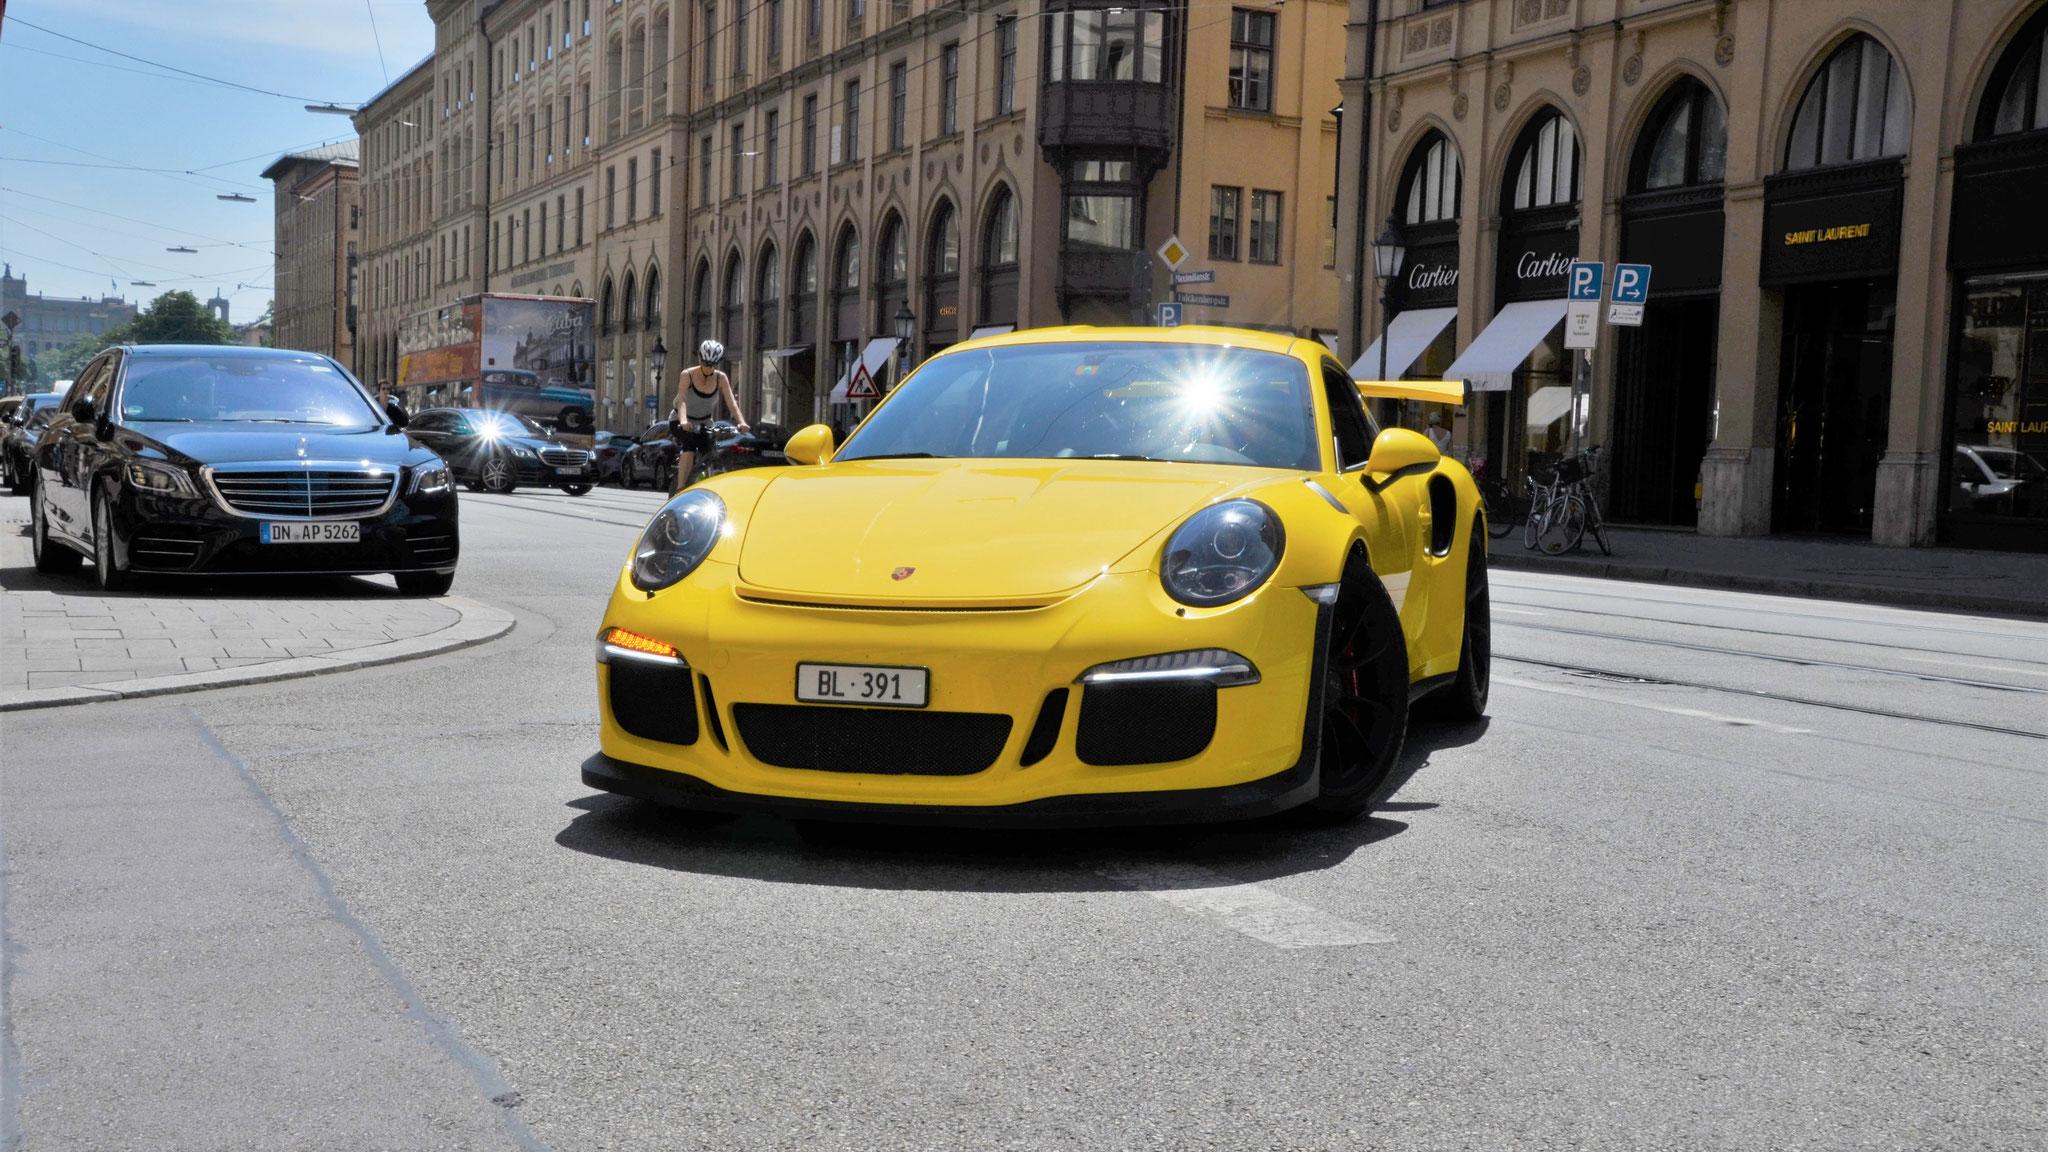 Porsche 911 GT3 RS - BL-391 (CH)